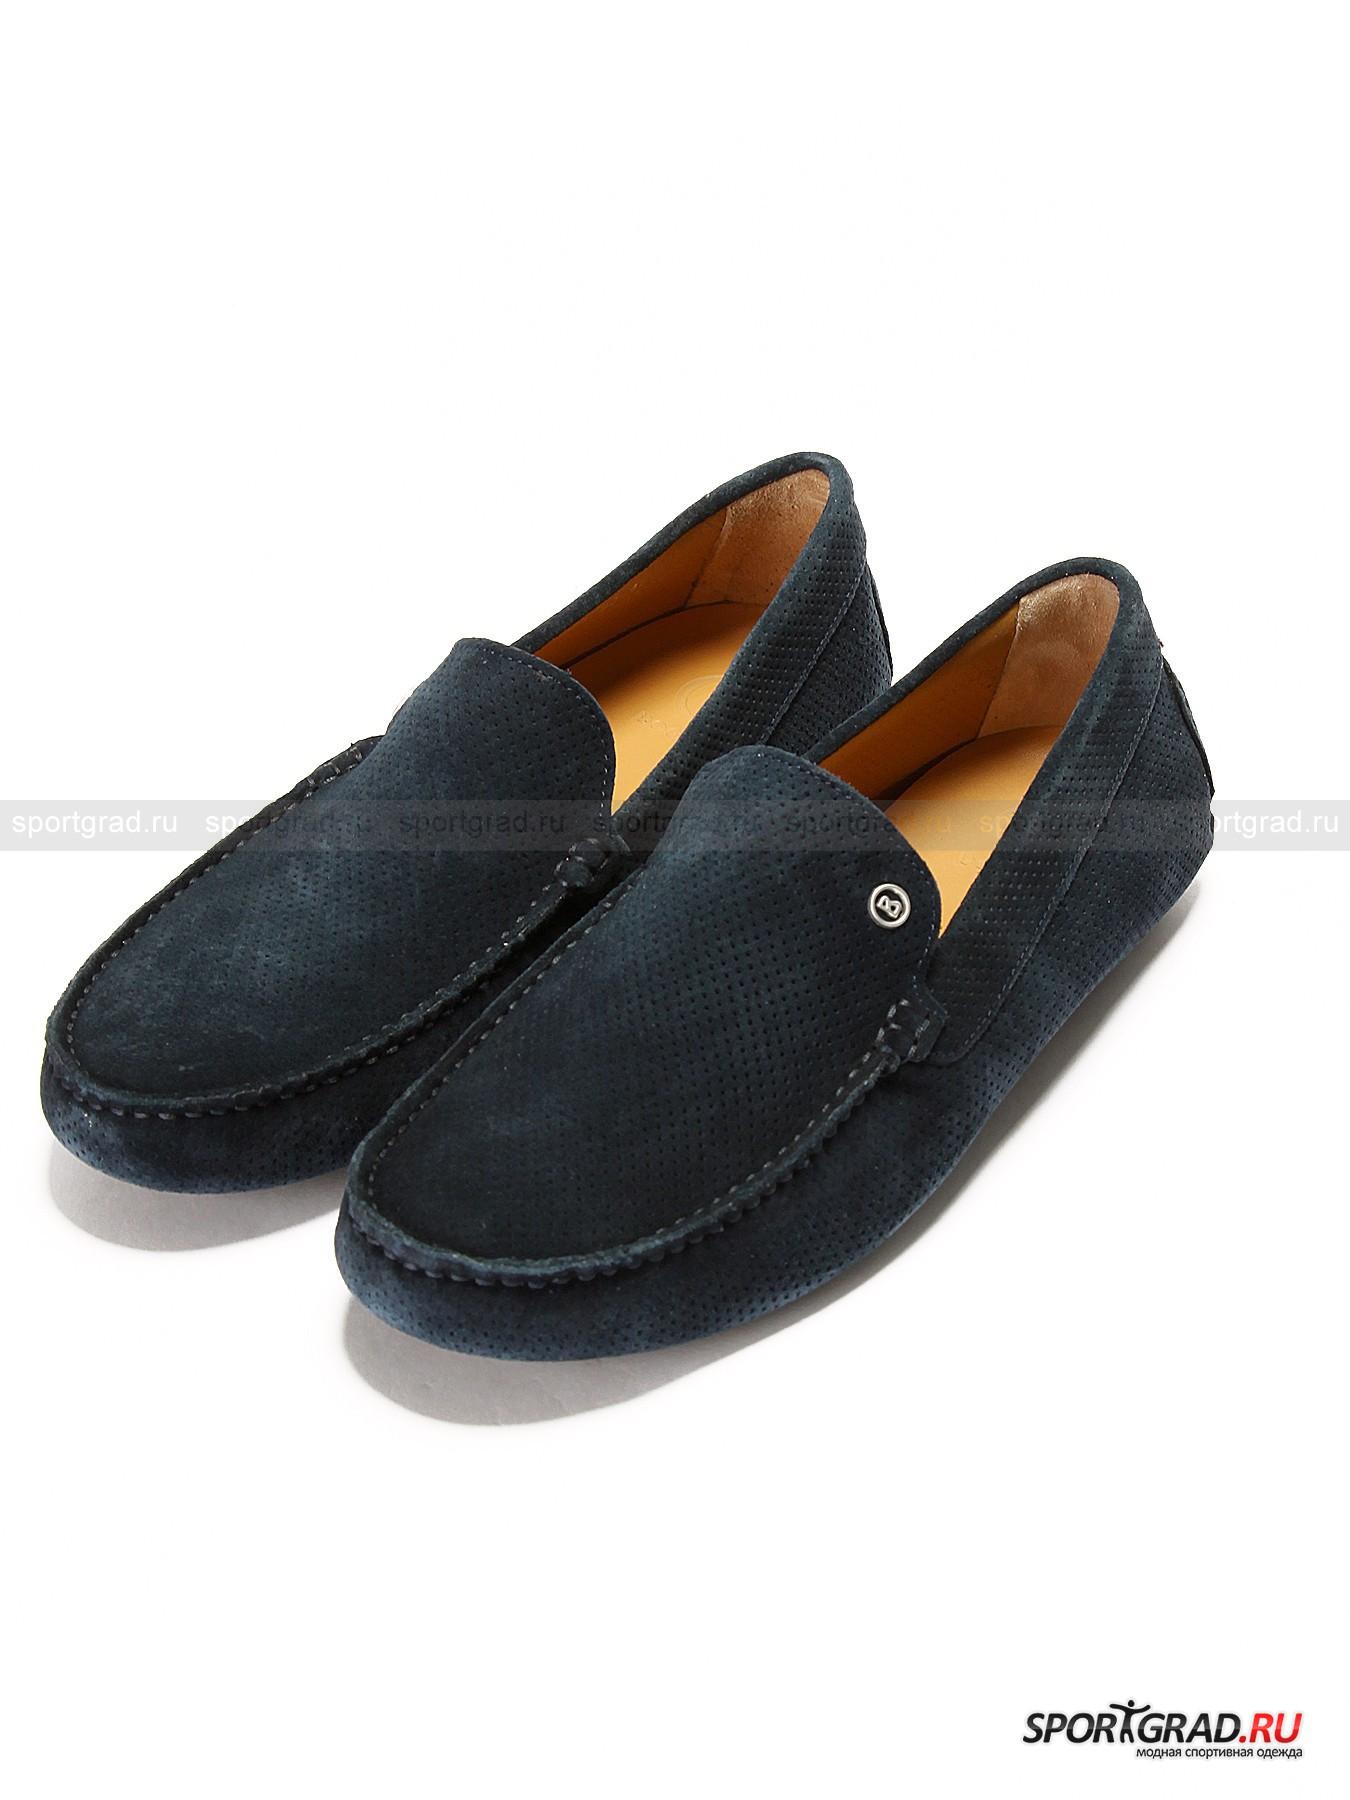 Мокасины мужские Porto cervo 3A BOGNERТуфли<br>Изысканные замшевые мокасины BOGNER созданы для утончённых модников, предпочитающих только лучшее. Натуральная перфорированная замша, из которой сшита данная модель, отличяно вентилируется, что так важно в летний зной. Эти мокасины доставят Вашим ногам настоящее удовольствие от ходьбы, ведь изнутри они отделаны натуральной перфорированной кожей, а также снабжены мягкой стелькой, смягчающей нагрузку на стопы. Нос имеет традиционную прострочку грубой нитью, придающую данной модели тот самый узнаваемый во всём мире облик.  Сзади мокасины декорированы миниатюрным ярлыком в цветную полоску, а спереди фирменным логотипом BOGNER.  Плоская сегментированная подошва с небольшим каблуком позволит ногам расслабиться, а Вам насладиться настоящим европейским комфортом от одного из самых респектабельных немецких брендов.<br><br>Пол: Мужской<br>Возраст: Взрослый<br>Тип: Туфли<br>Рекомендации по уходу: Использовать специальные средства по уходу за замшей.<br>Состав: Натуральная замша, натуральная кожа, резина, металл.